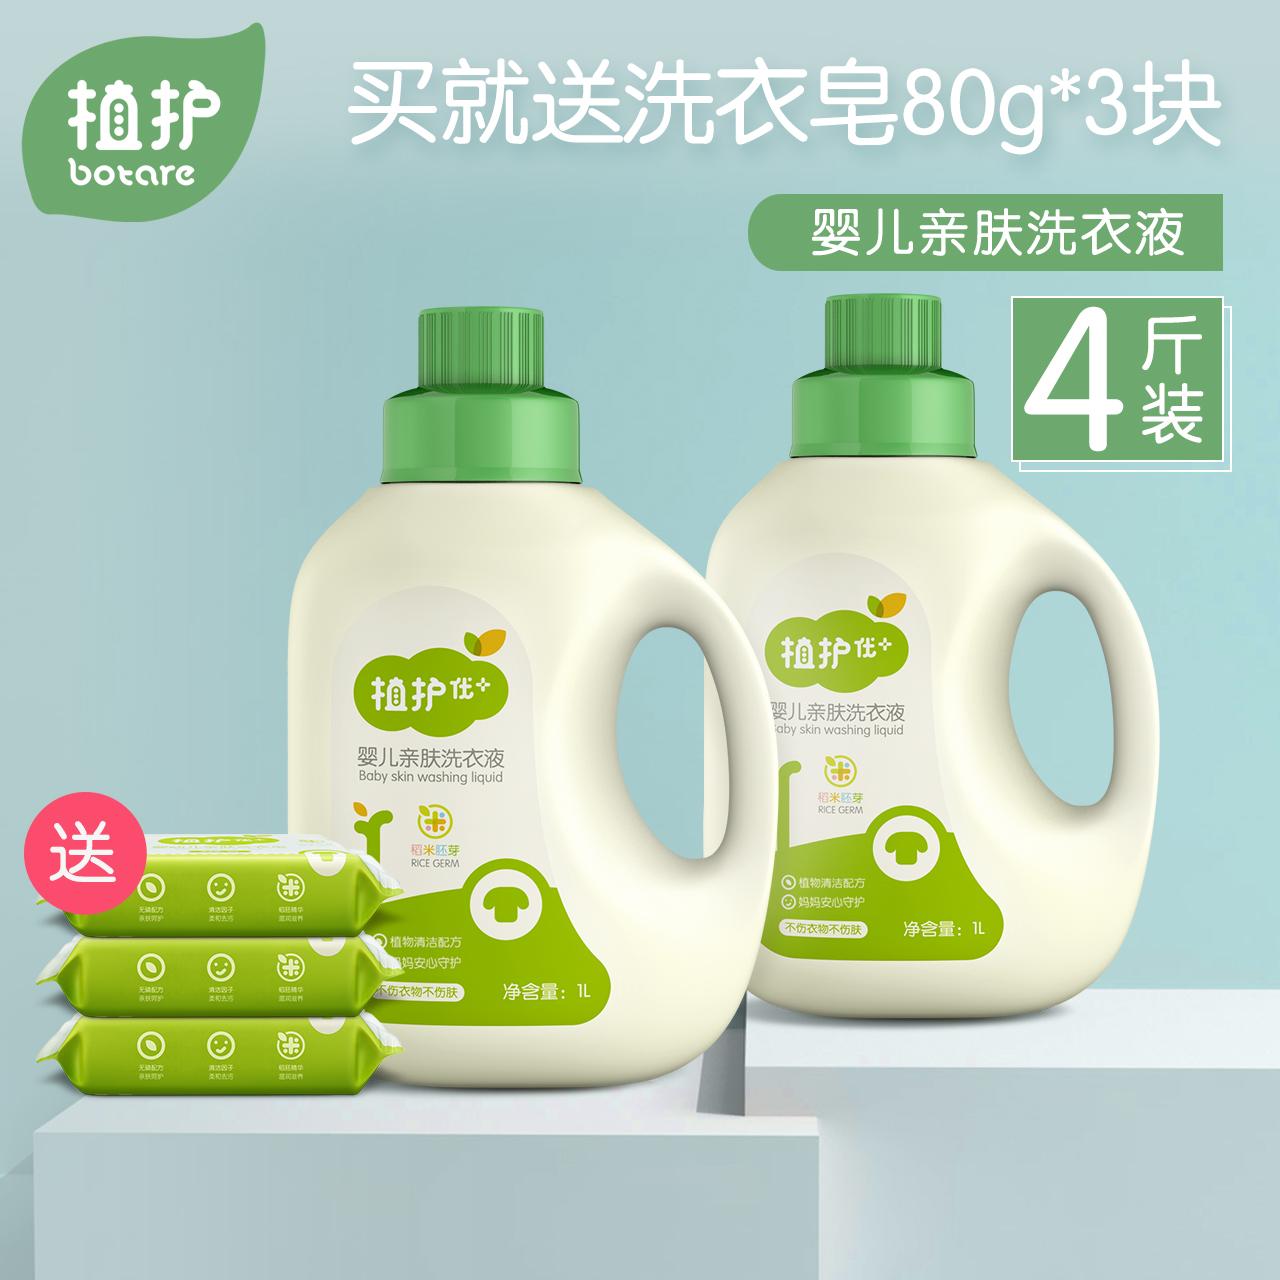 植护婴儿洗衣液宝宝专用婴幼儿新生儿童孕妇洗衣液天然去渍正品